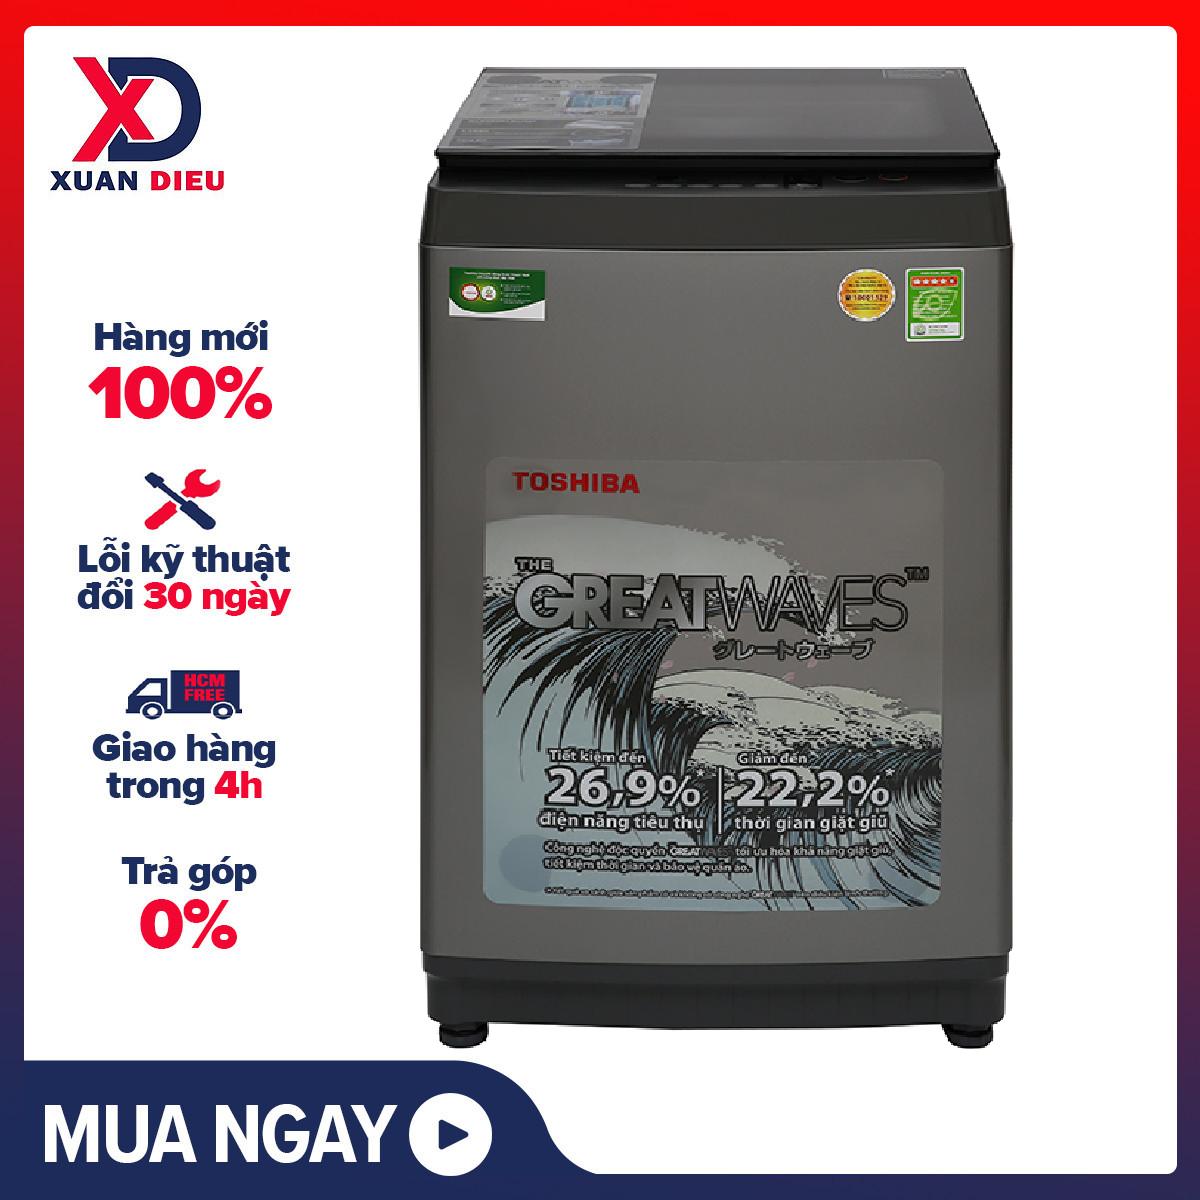 [Trả góp 0%]Máy giặt Toshiba 9 kg AW-K1005FV(SG) Hệ thống 3 thác nước Greatwaves kết hợp 3 luồng nước Lồng giặt ngôi sao pha lê Tiện ích: Nắp máy trợ lực chống kẹt tay Hẹn giờ bắt đầu giặt Khử mùi kháng khuẩn